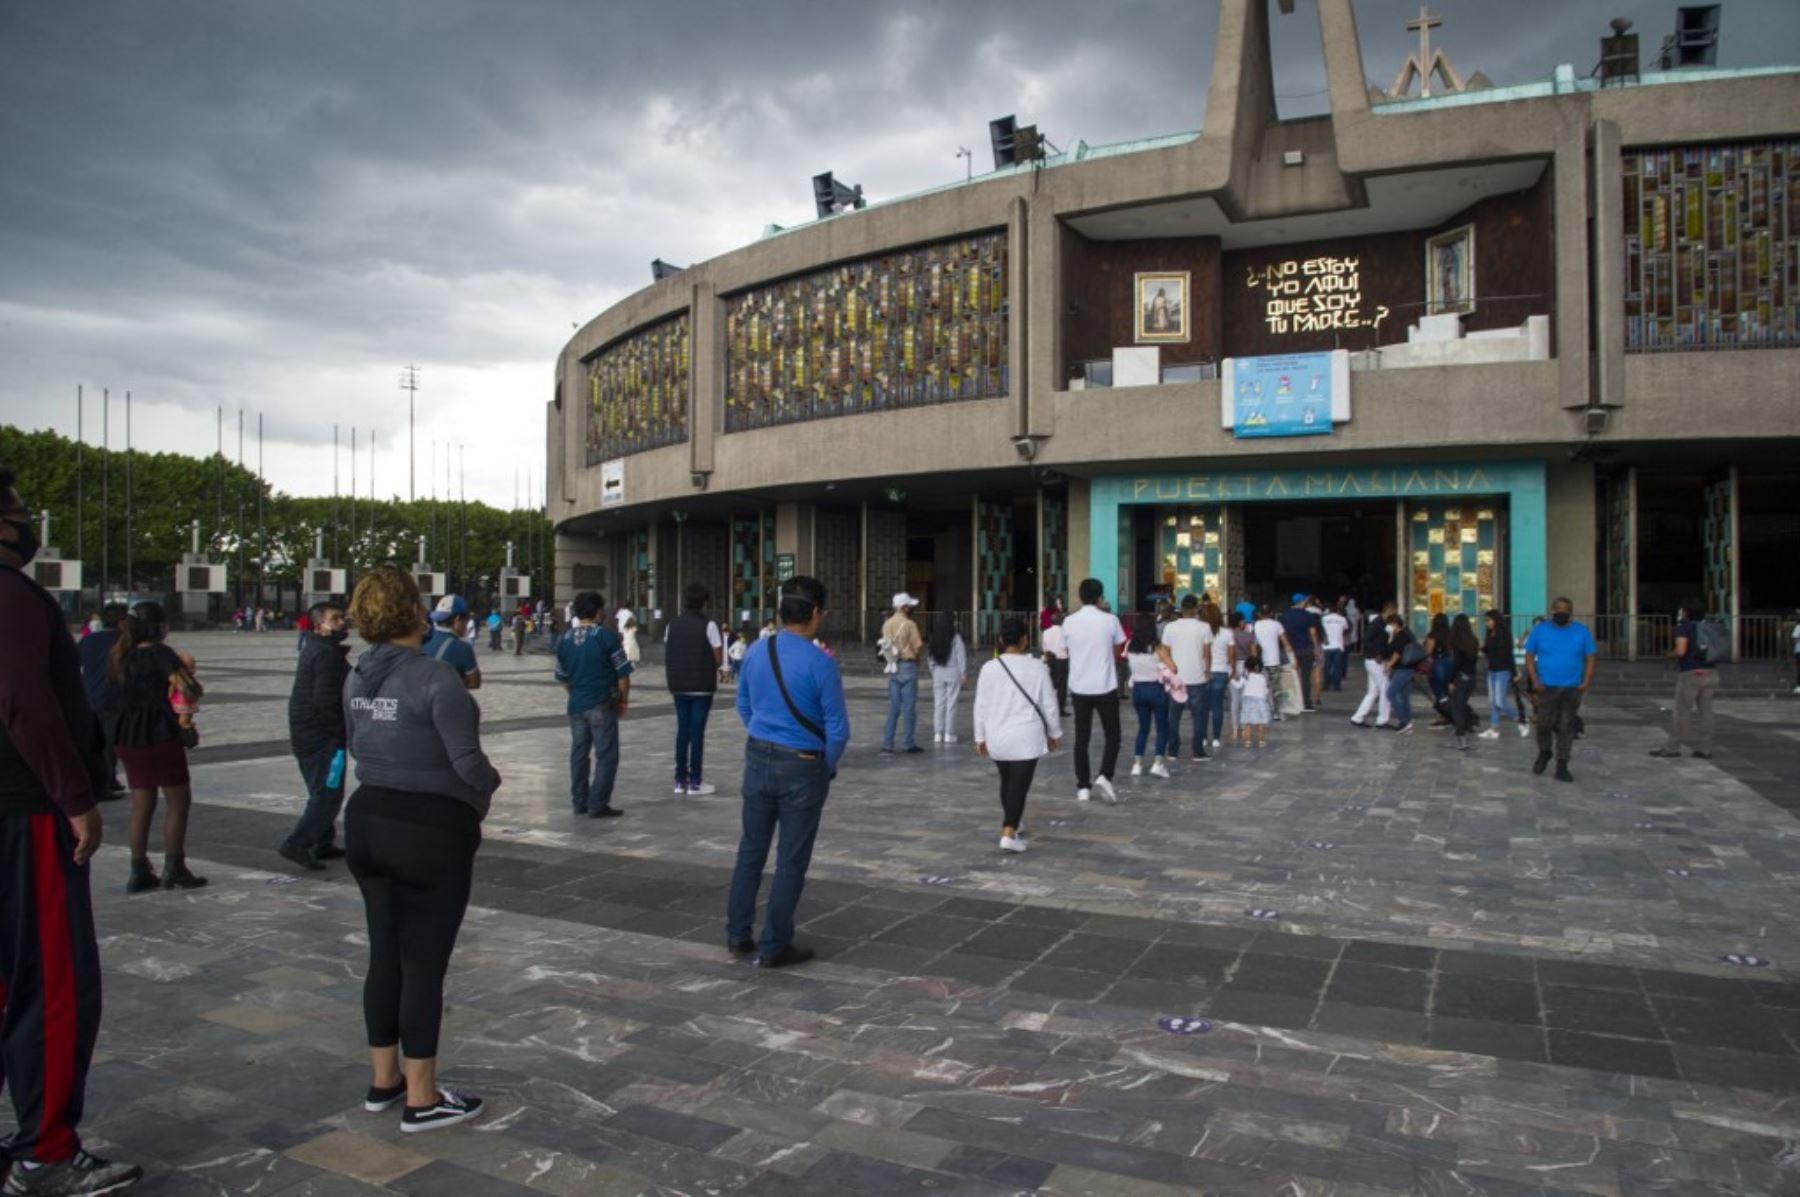 Los fieles se alinean manteniendo una distancia de seguridad mientras esperan para ingresar a la Basílica de Guadalupe. Foto: AFP